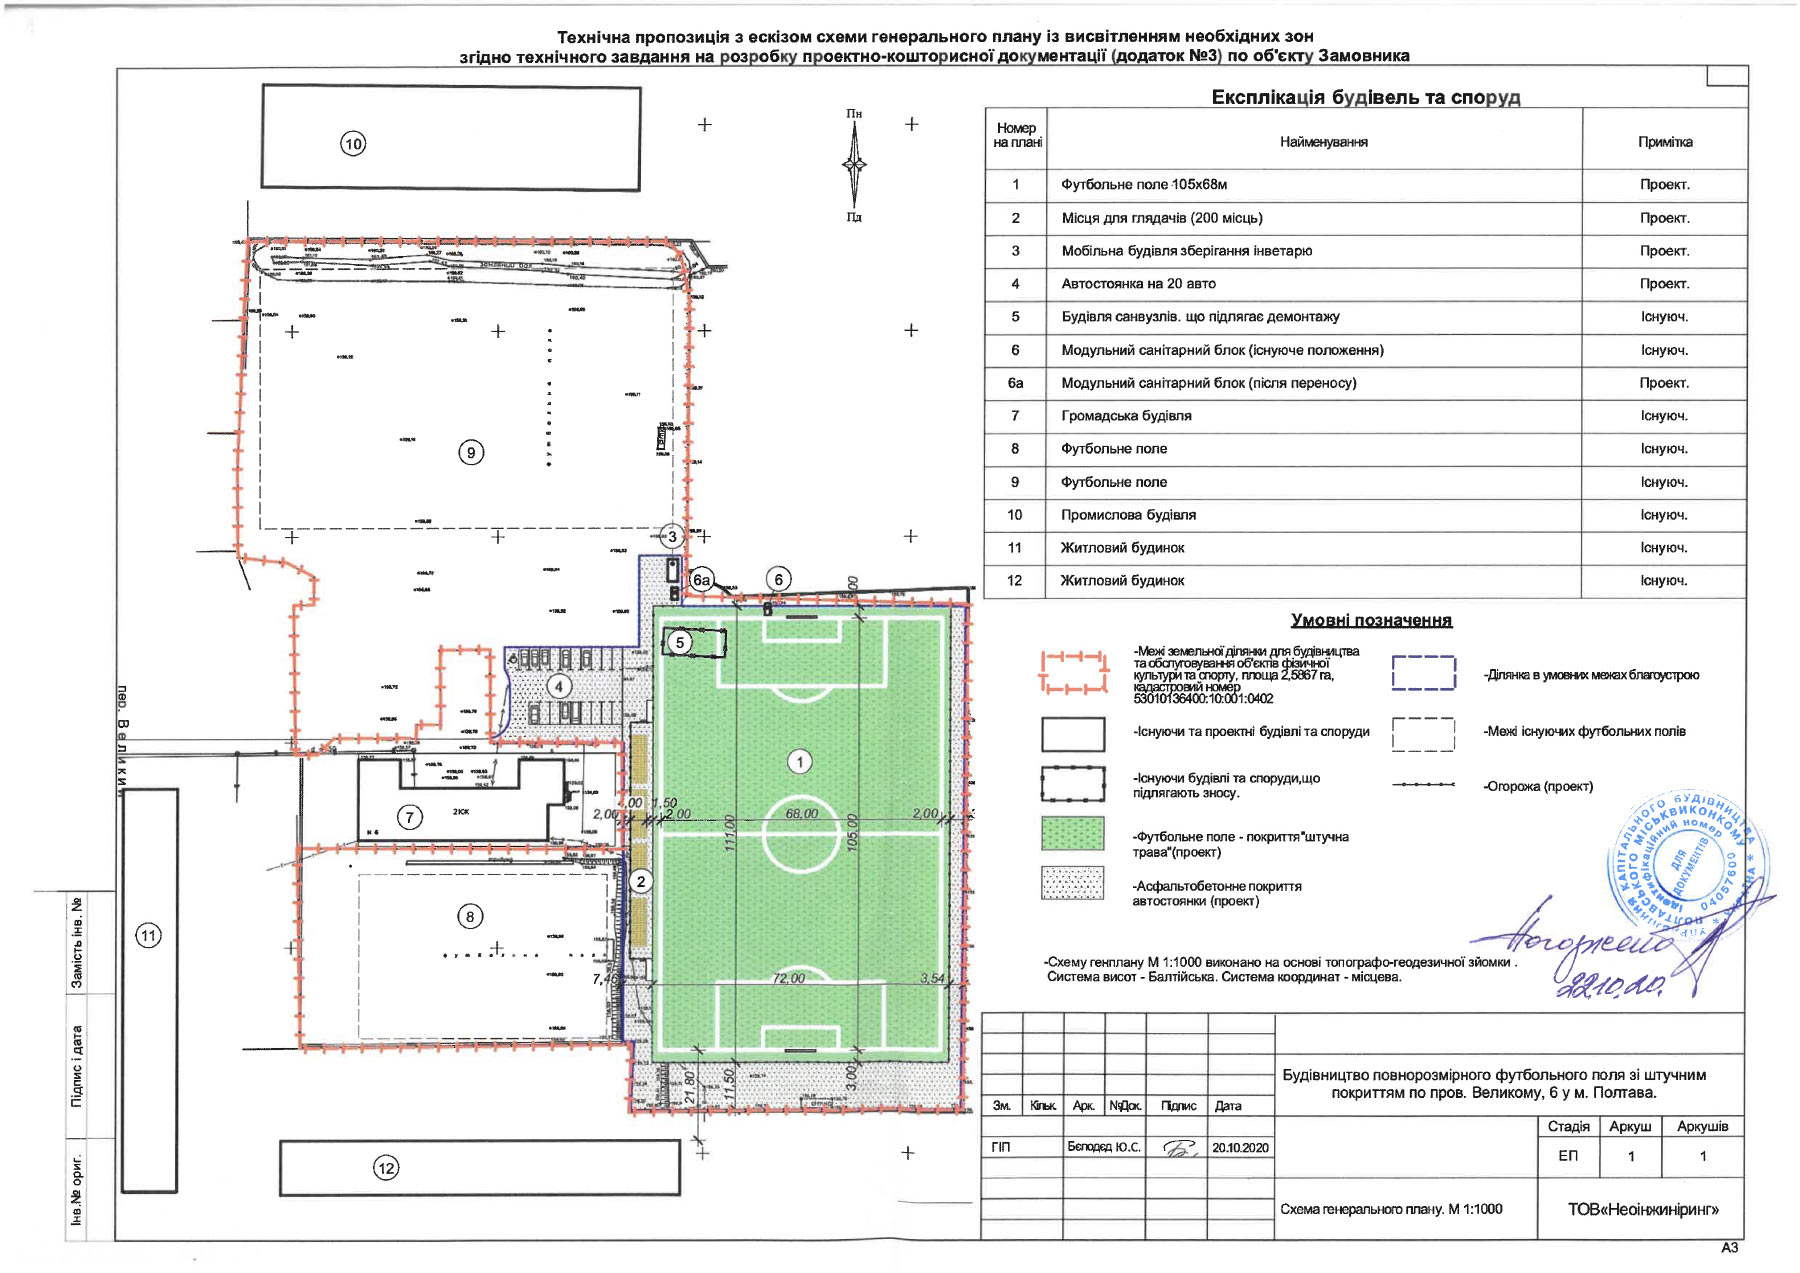 Технічна пропозиція ТОВ «Неоінжиніринг» з облаштування поля